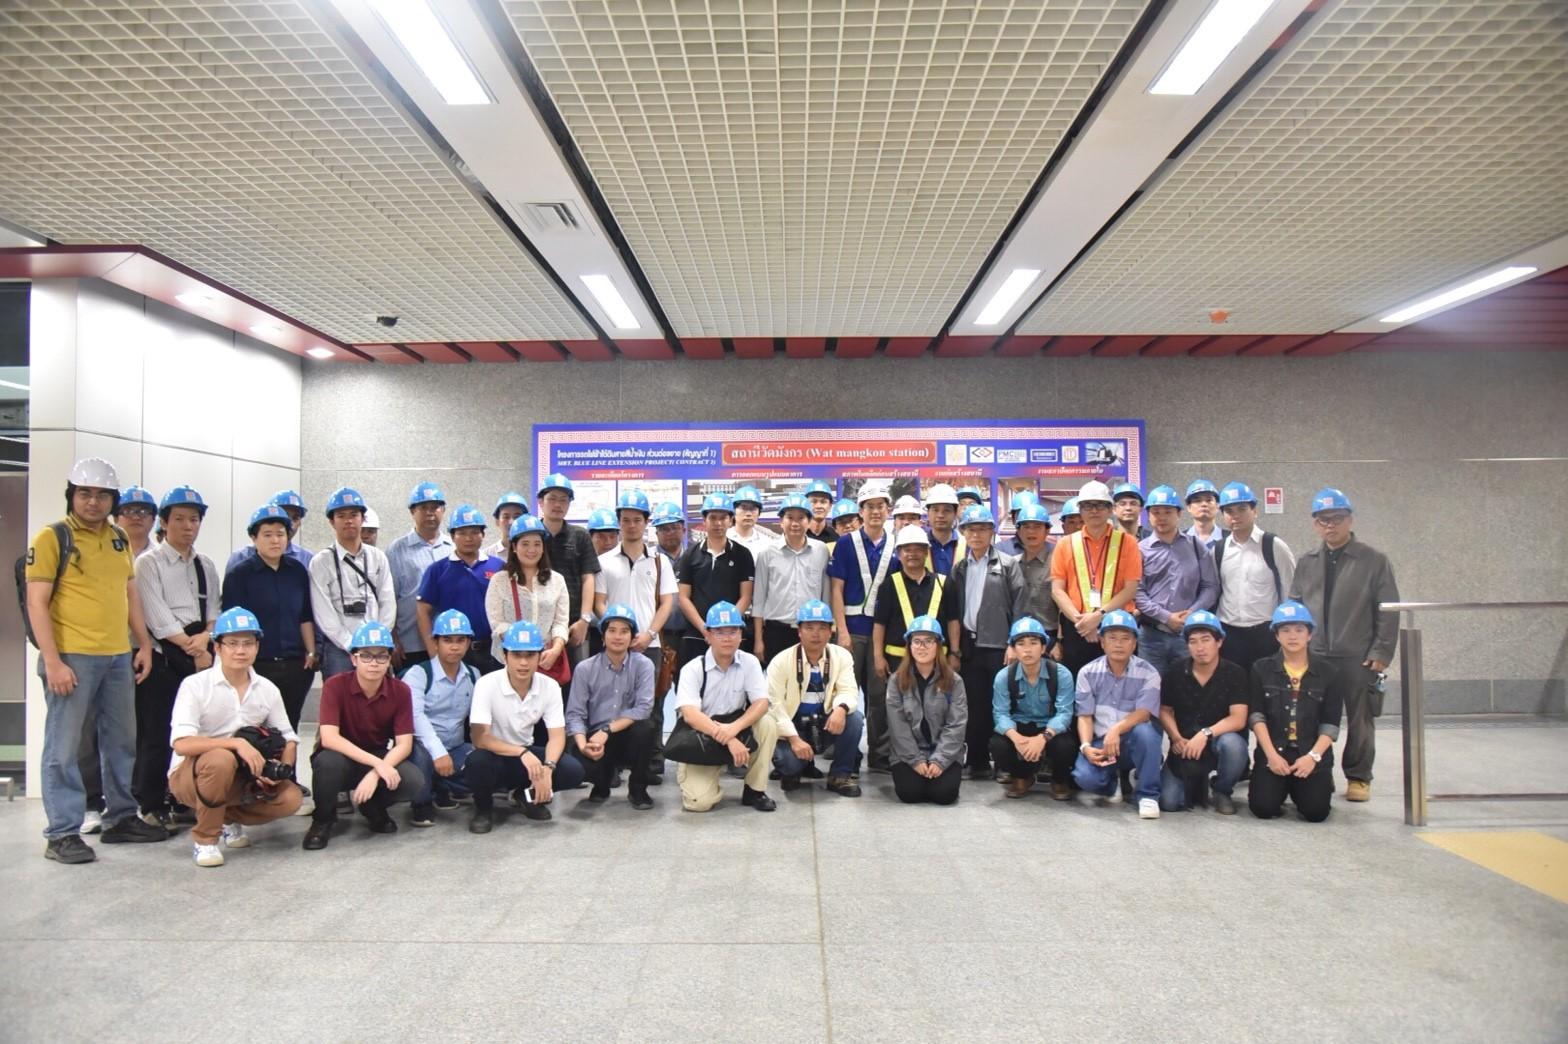 วิศวกรรมโครงสร้างทางรถไฟ ขั้นพื้นฐาน (Fundamental of Railway Track Engineering) รุ่นที่ 1